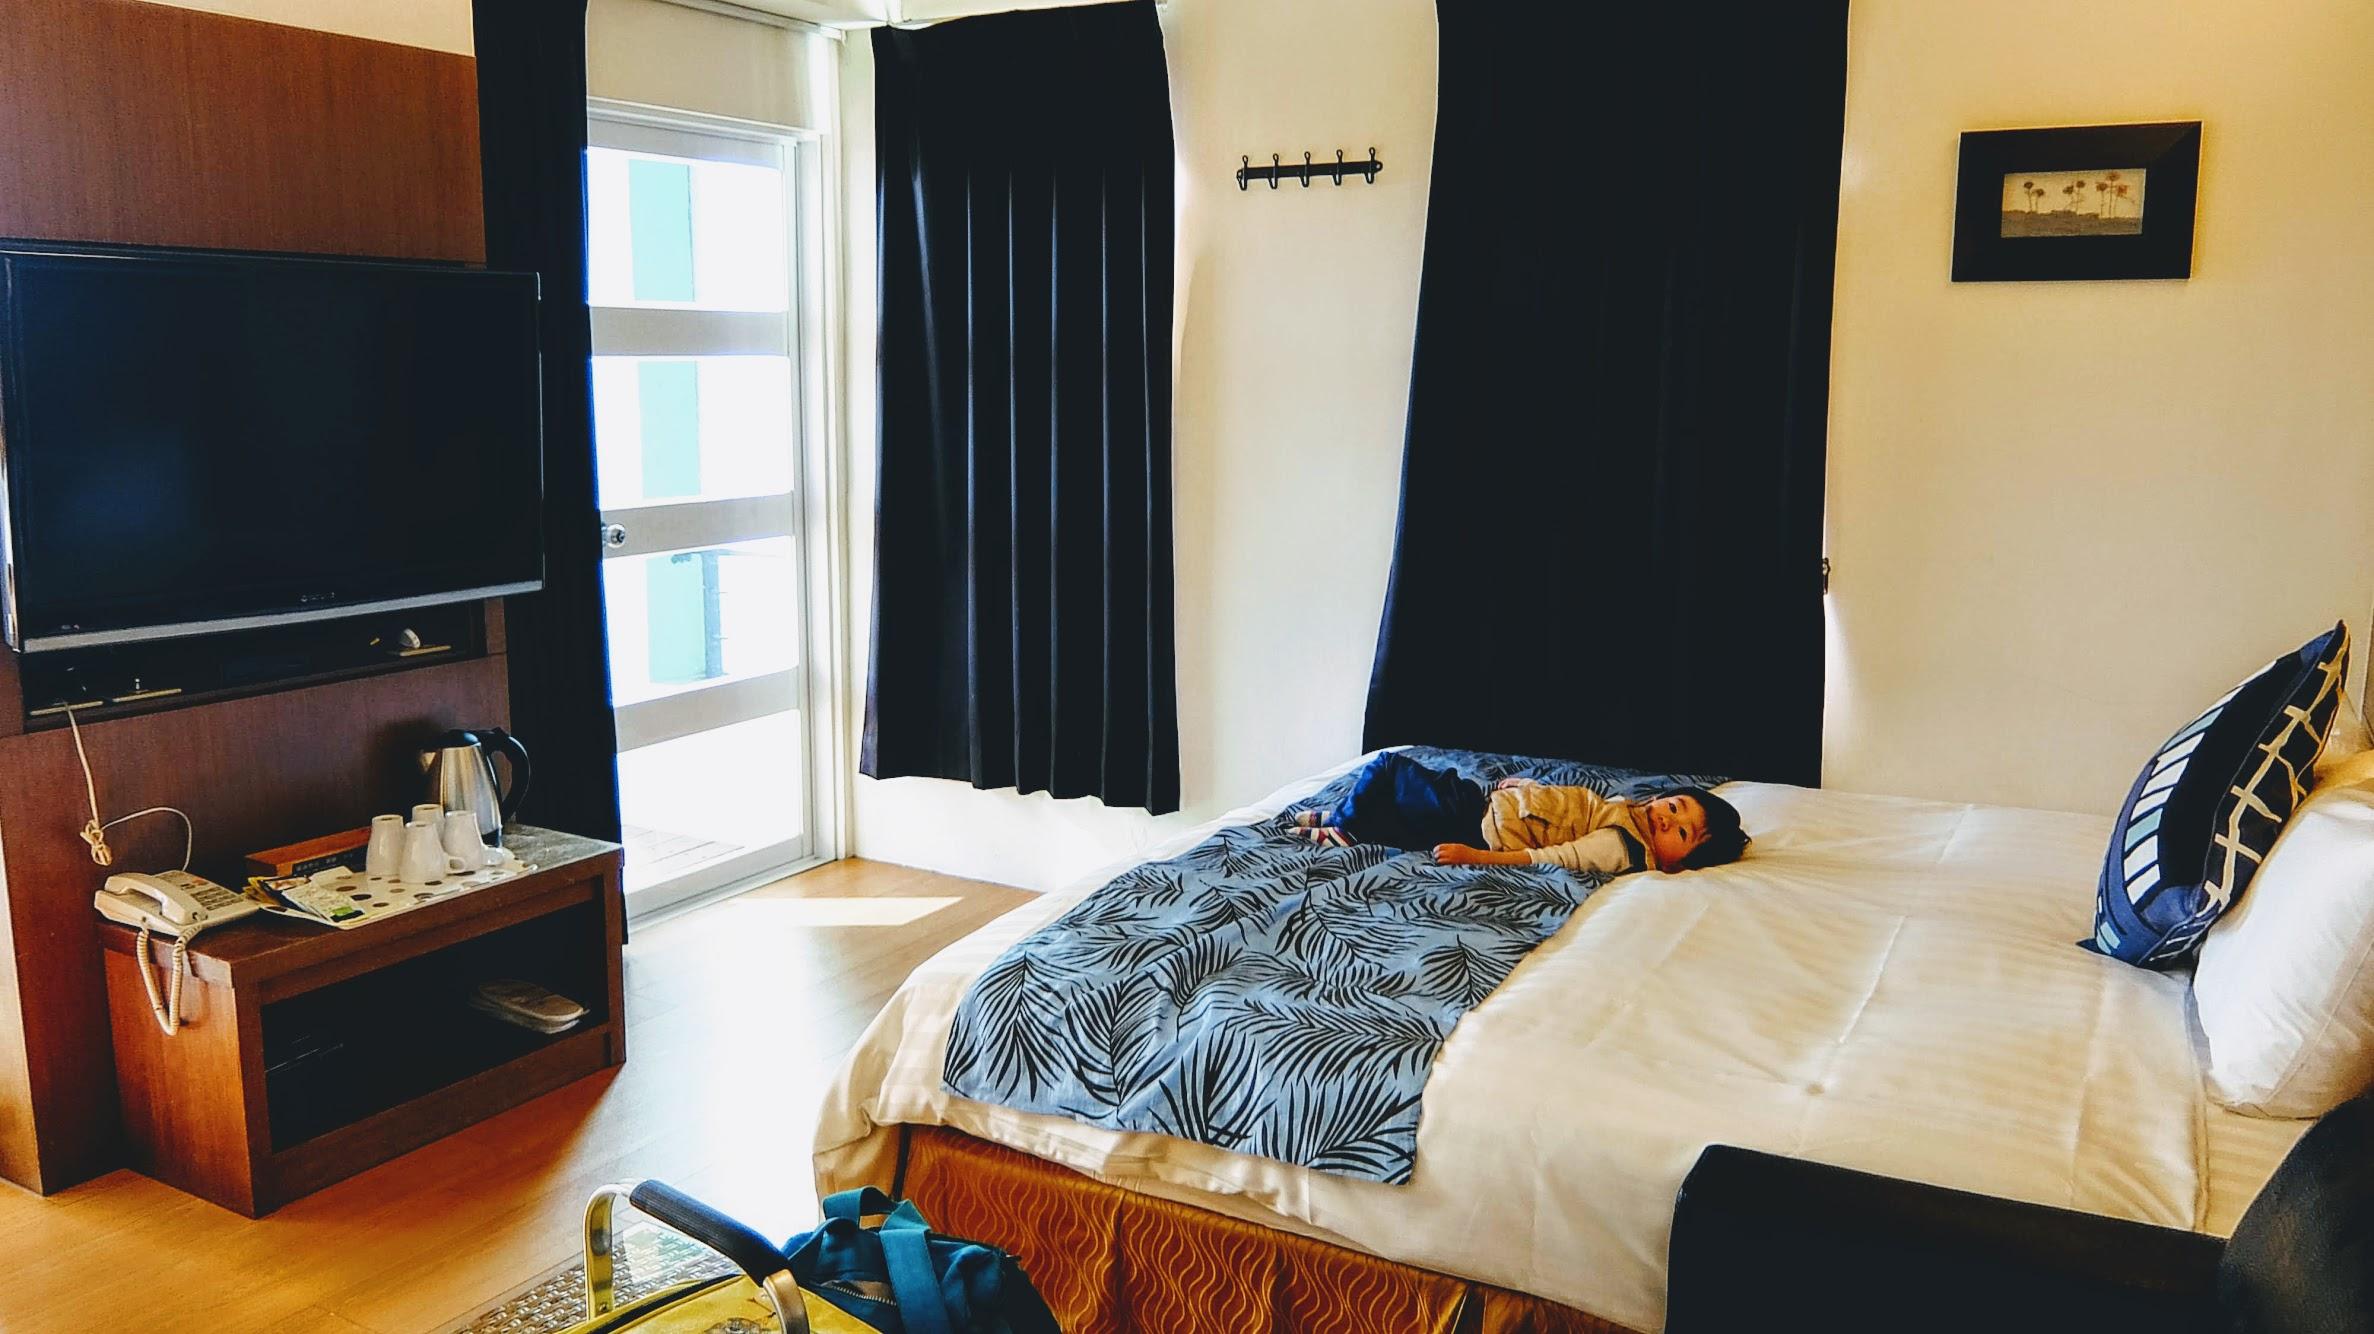 房間很大還蠻乾淨的,床很軟,小孩躺上去就...很舒服的不想下來XD 有電視/吹風機...